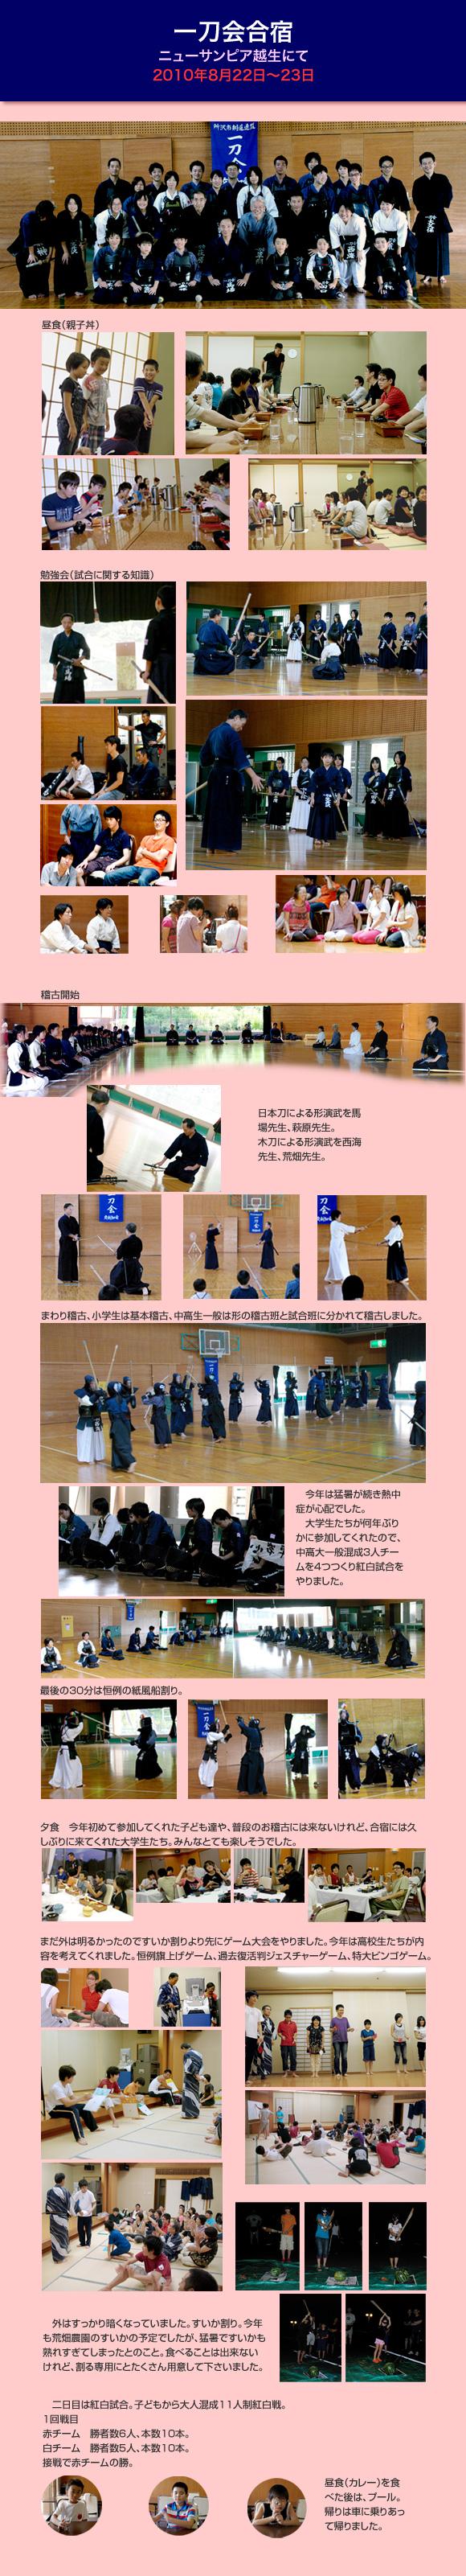 2010_8_22gasyuku